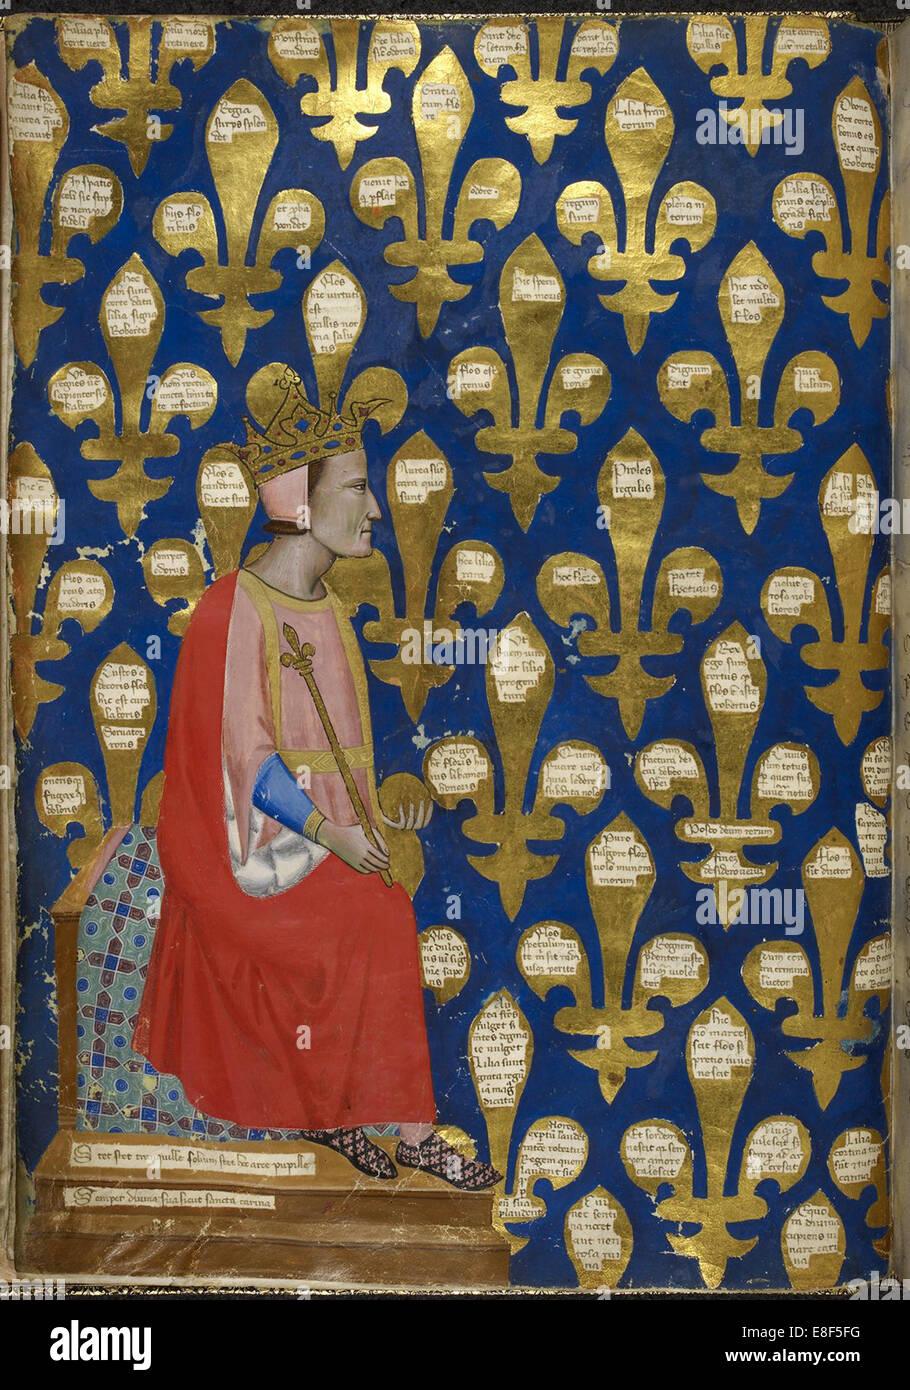 Robert of Anjou (From Regia Carmina by Convenevole da Prato). Artist: Pacino di Buonaguida (active 1302-1343) - Stock Image